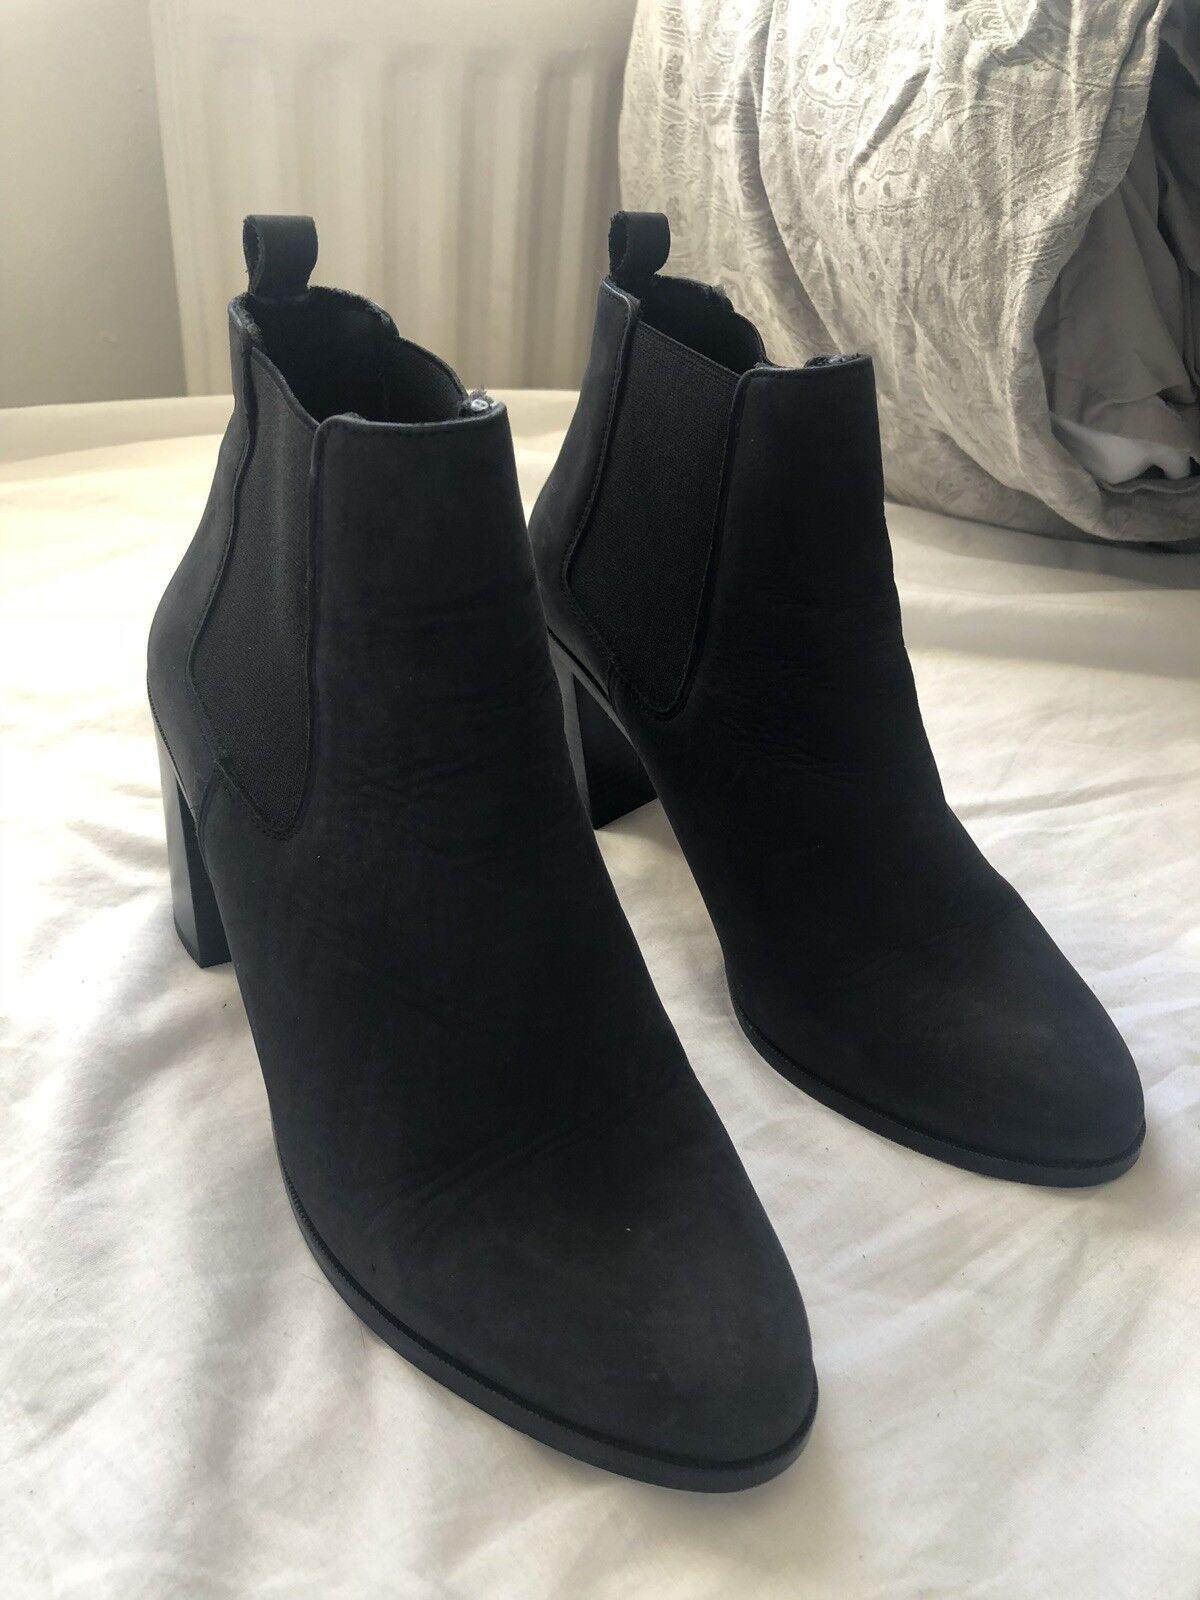 Nero Stivali Stivali Stivali Chelsea Tacco a Blocco 662375